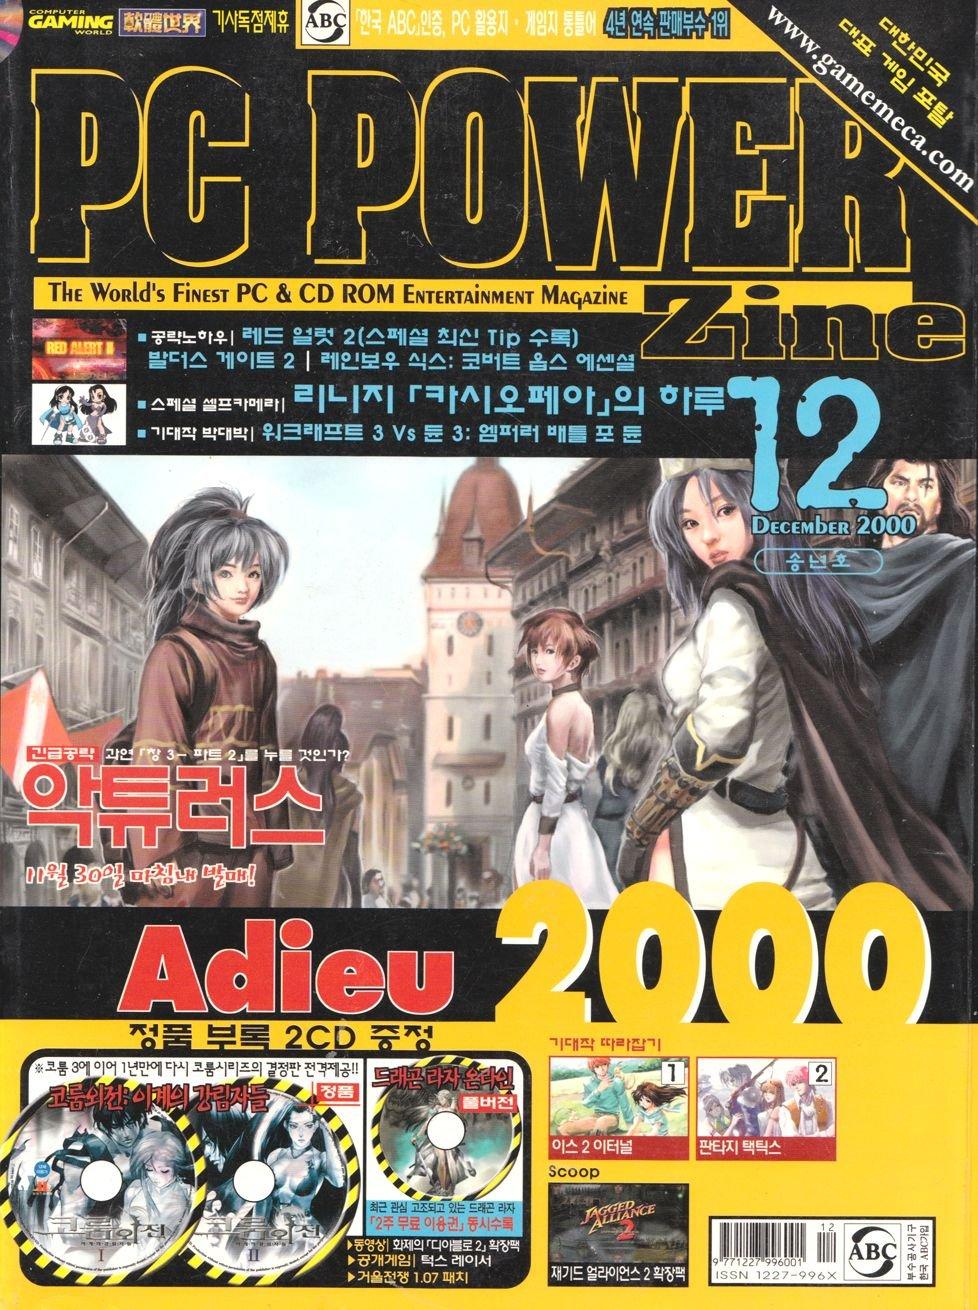 PC Power Zine Issue 65 (December 2000)